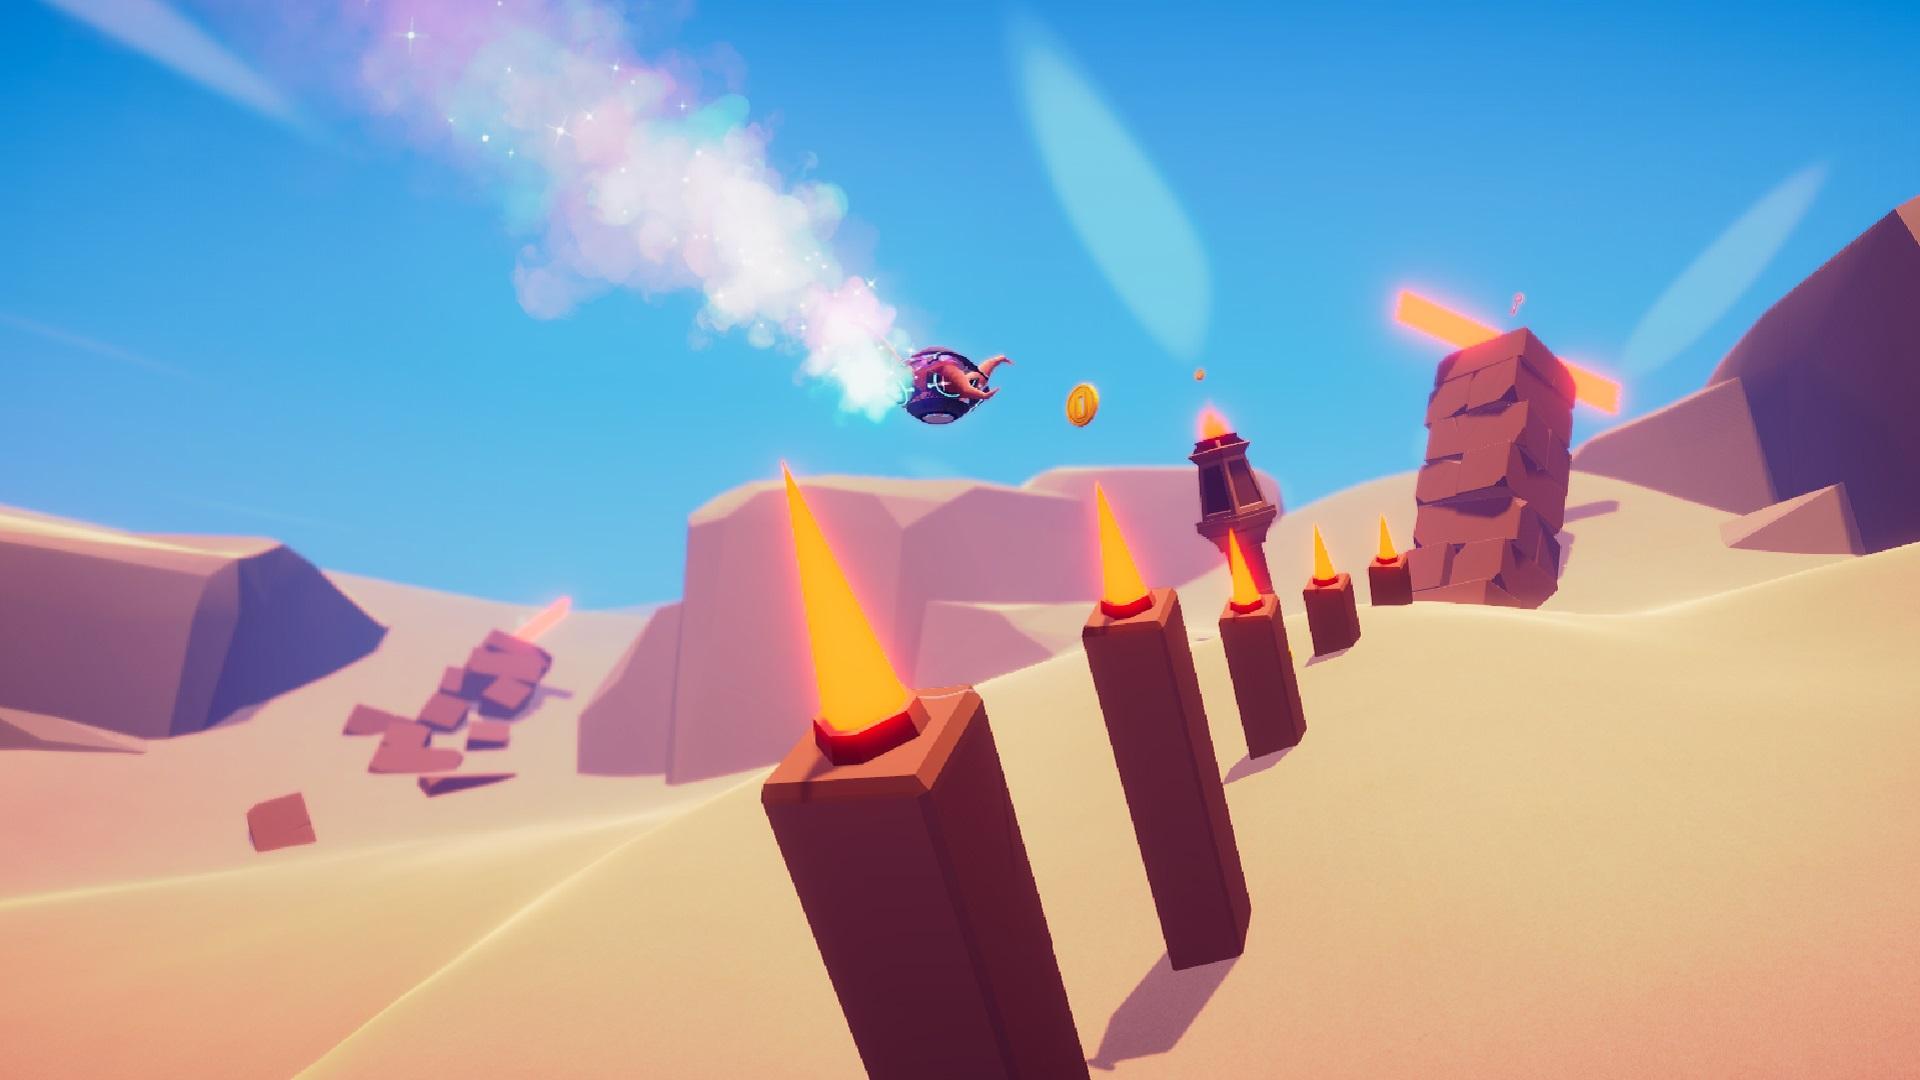 Screenshot from Glyph